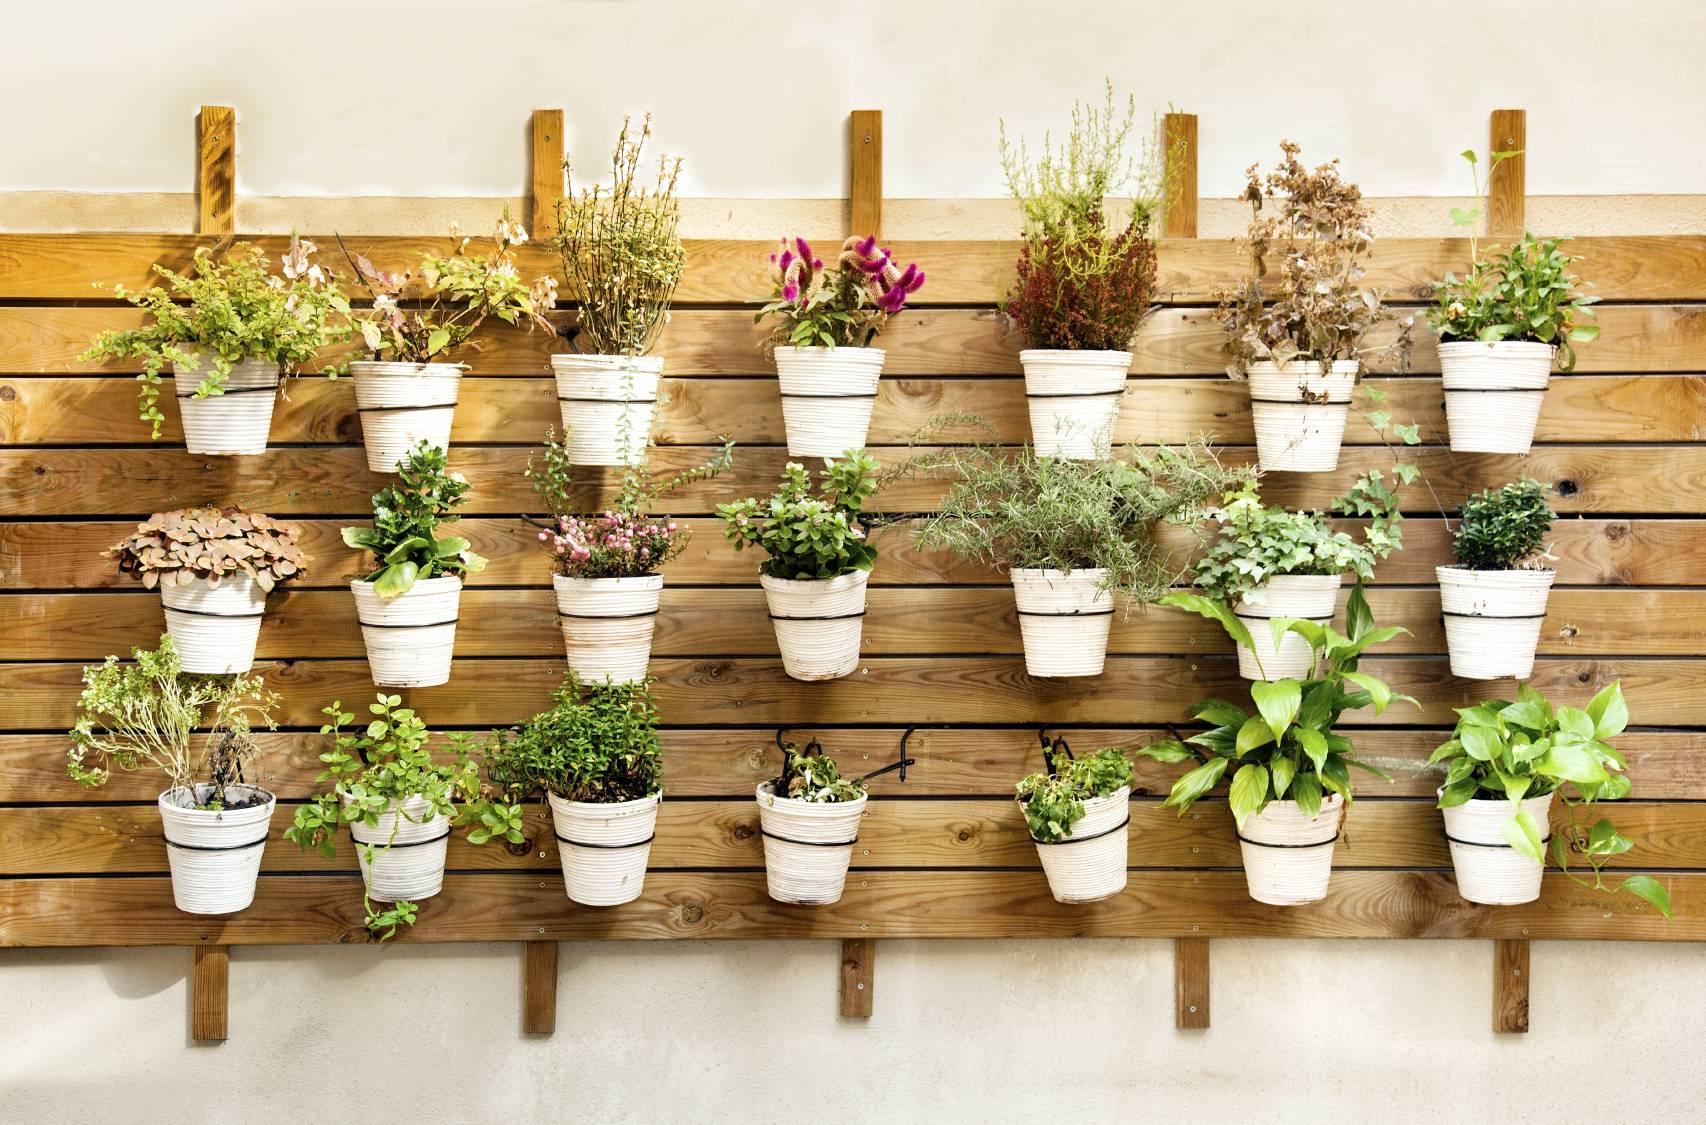 Comment d corer sa terrasse avec des pots de jardin design Amenager sa terrasse avec des plantes